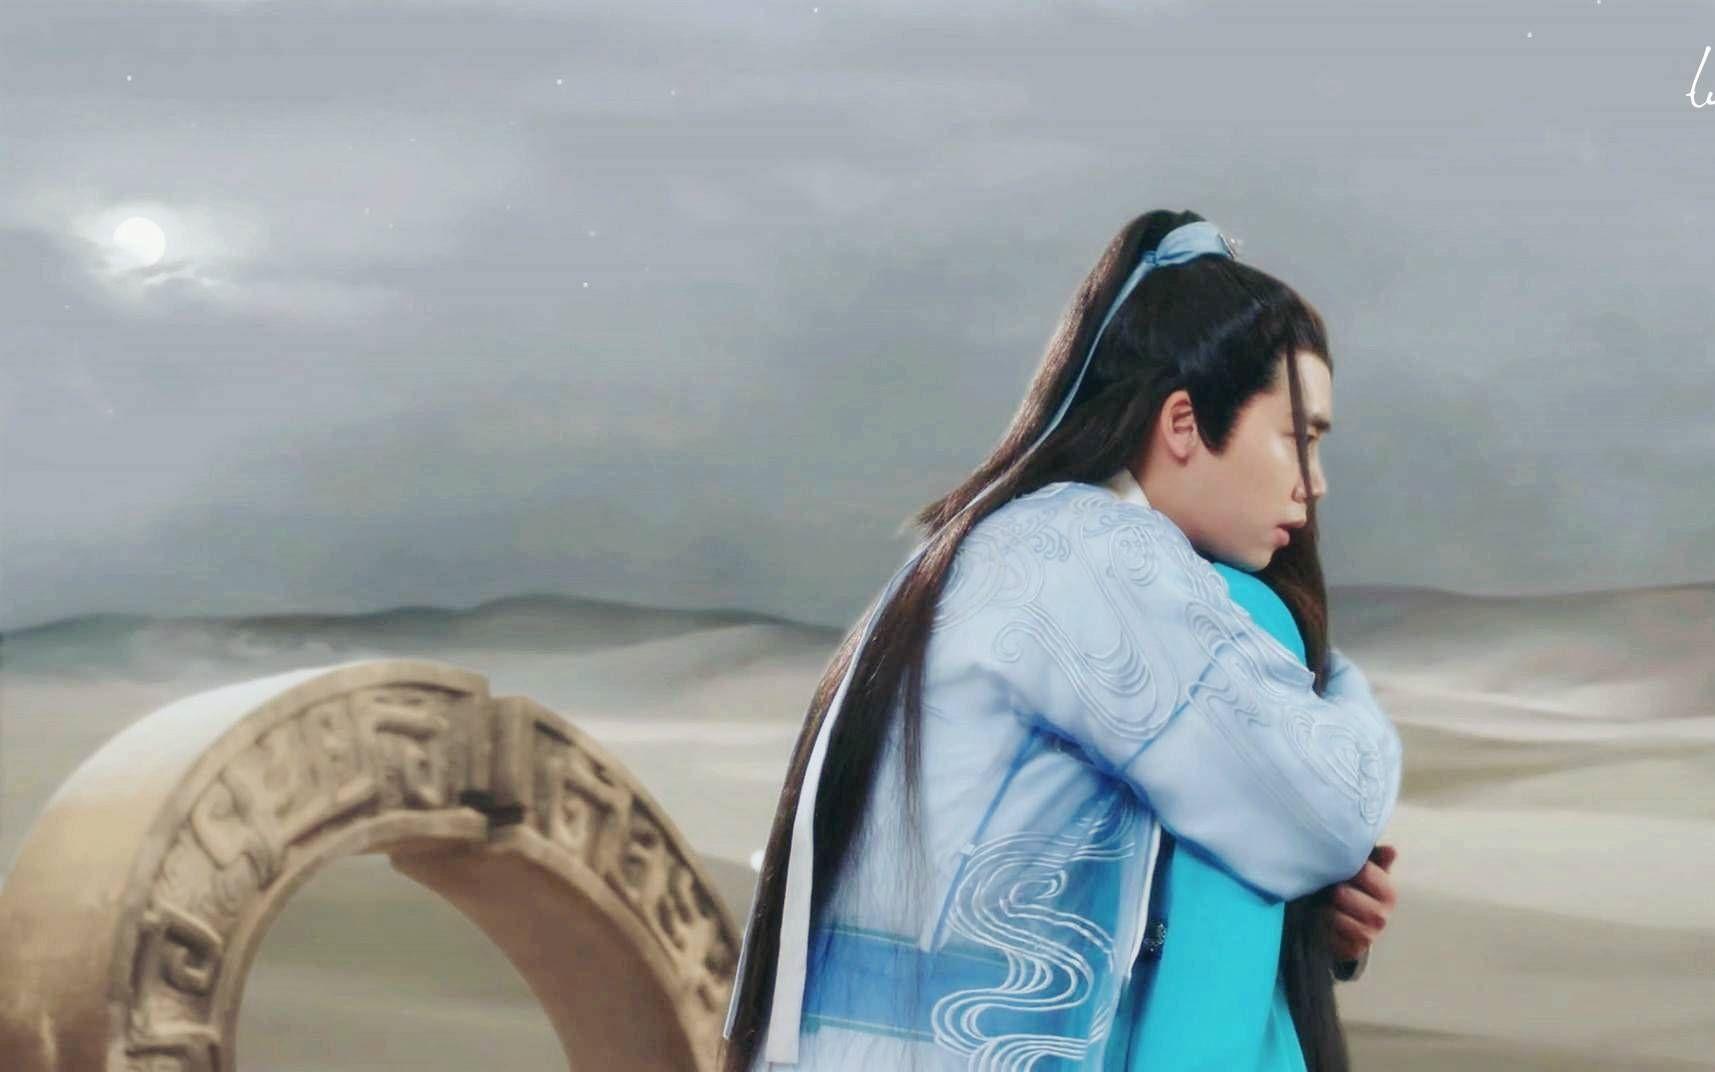 形体舞蹈梦千年之恋_【凡瑶】【诛仙青云志】凡瑶梦千年之恋